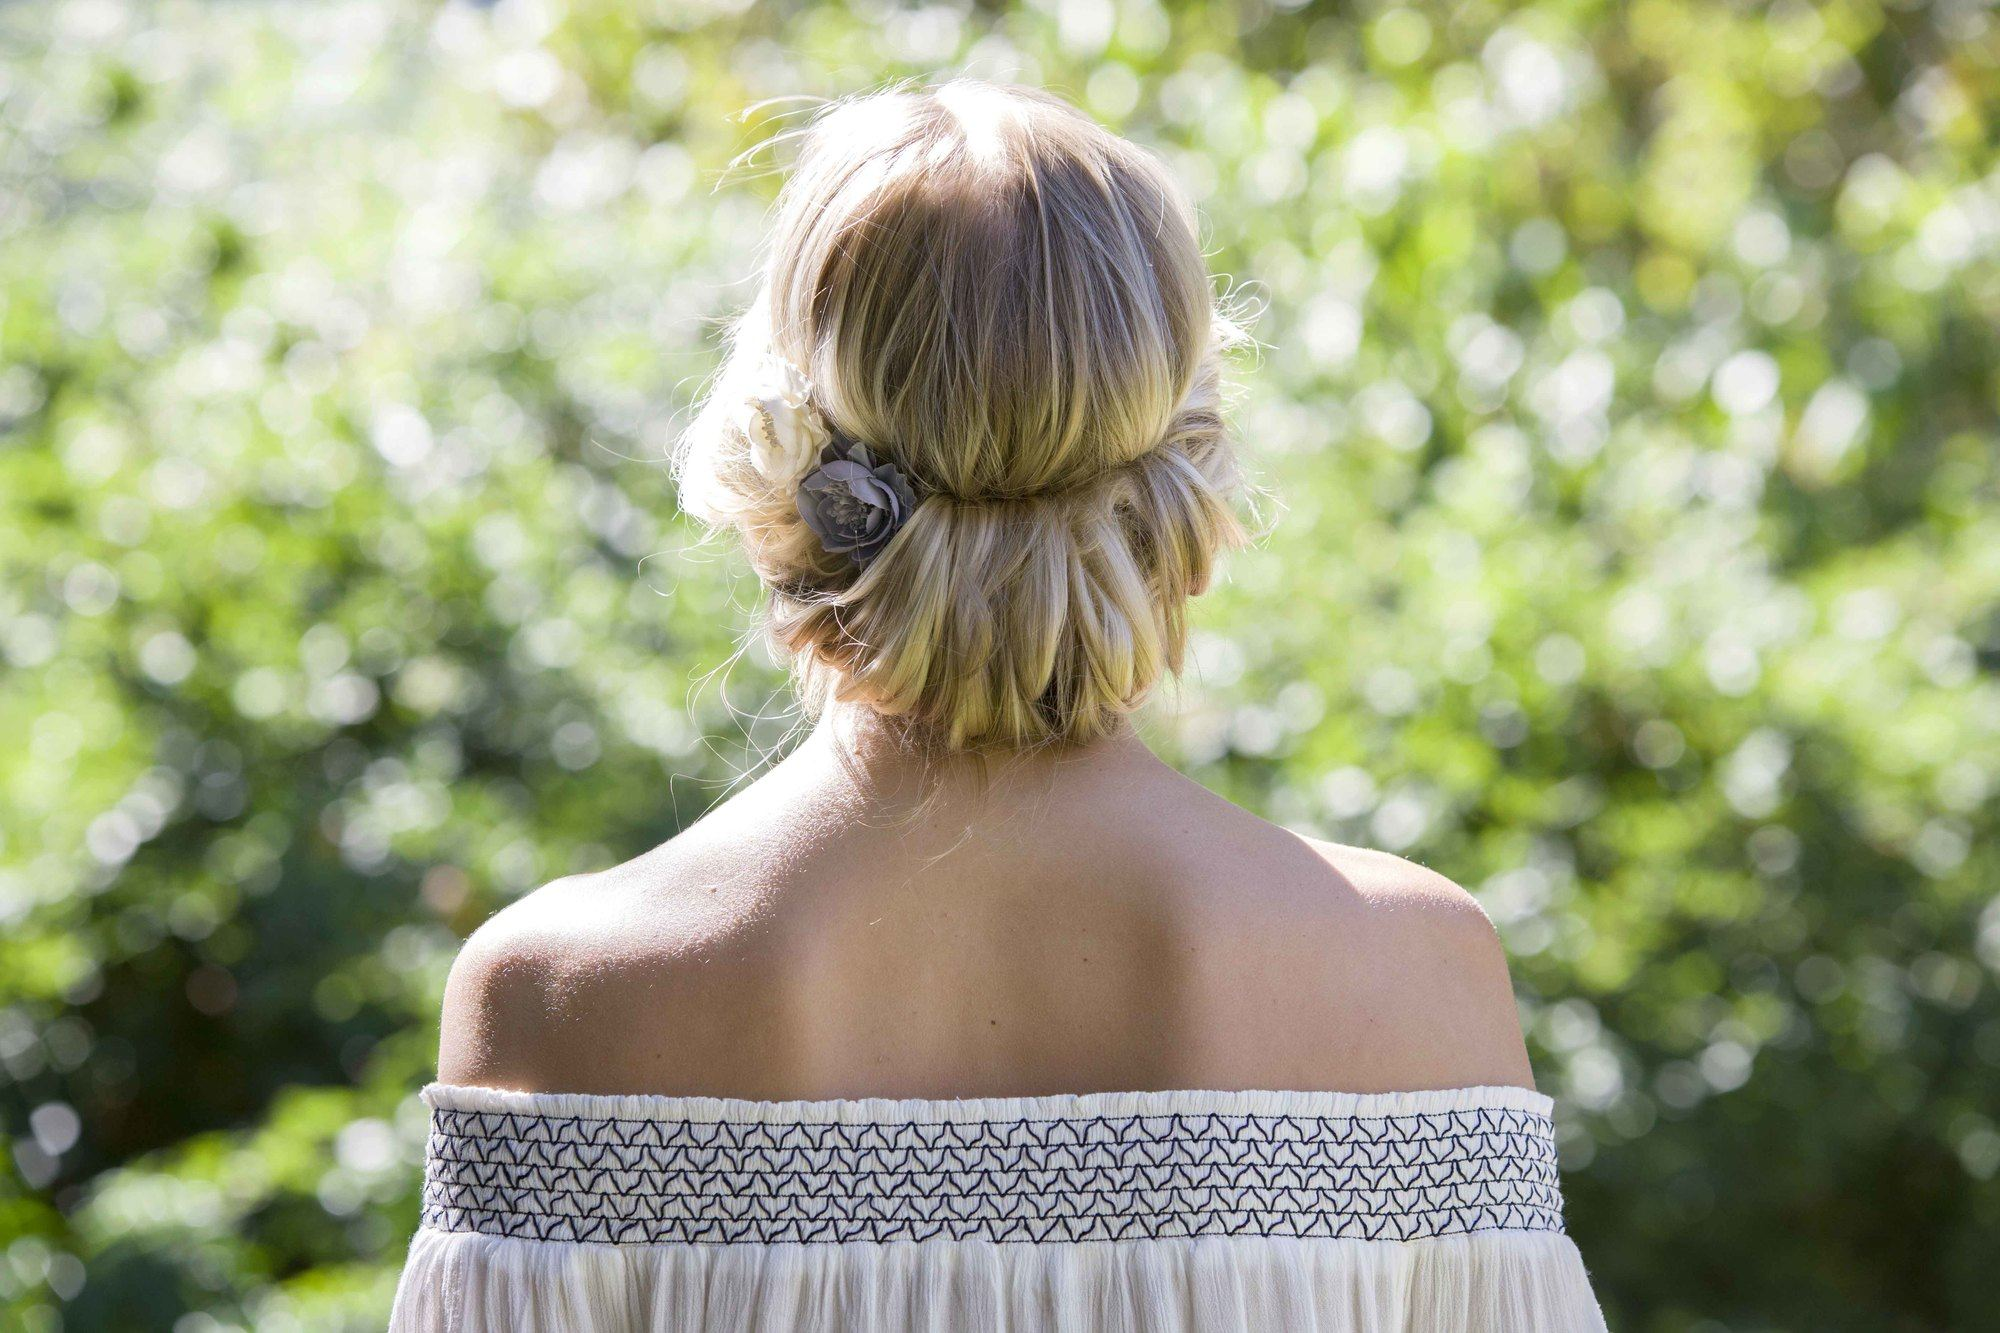 Coiffures faciles pour cheveux longs: Femme aux longs cheveux blonds coiffée d'un chignon serre-tête portant un haut d'été.